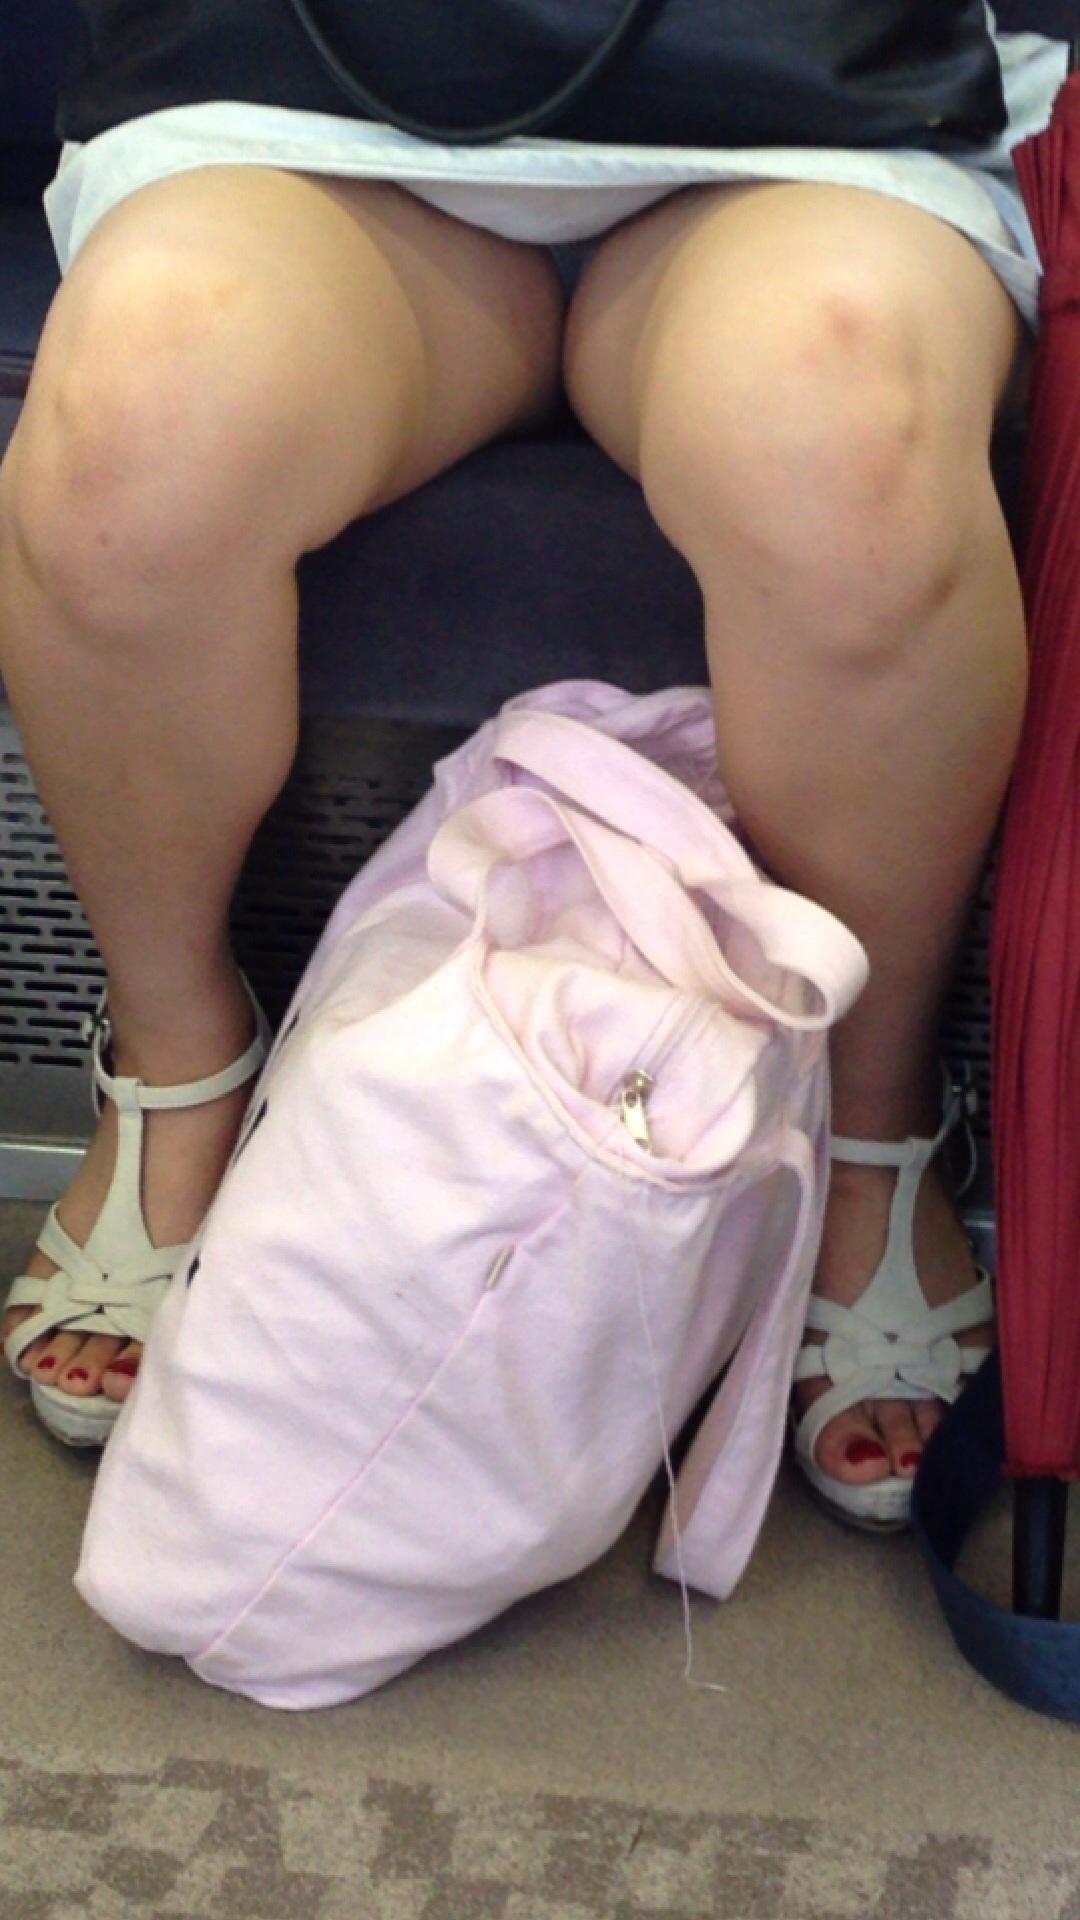 【パンチラエロ画像】電車内はパンチラの宝庫w対面座って寝てる場合じゃございません|・`ω・)